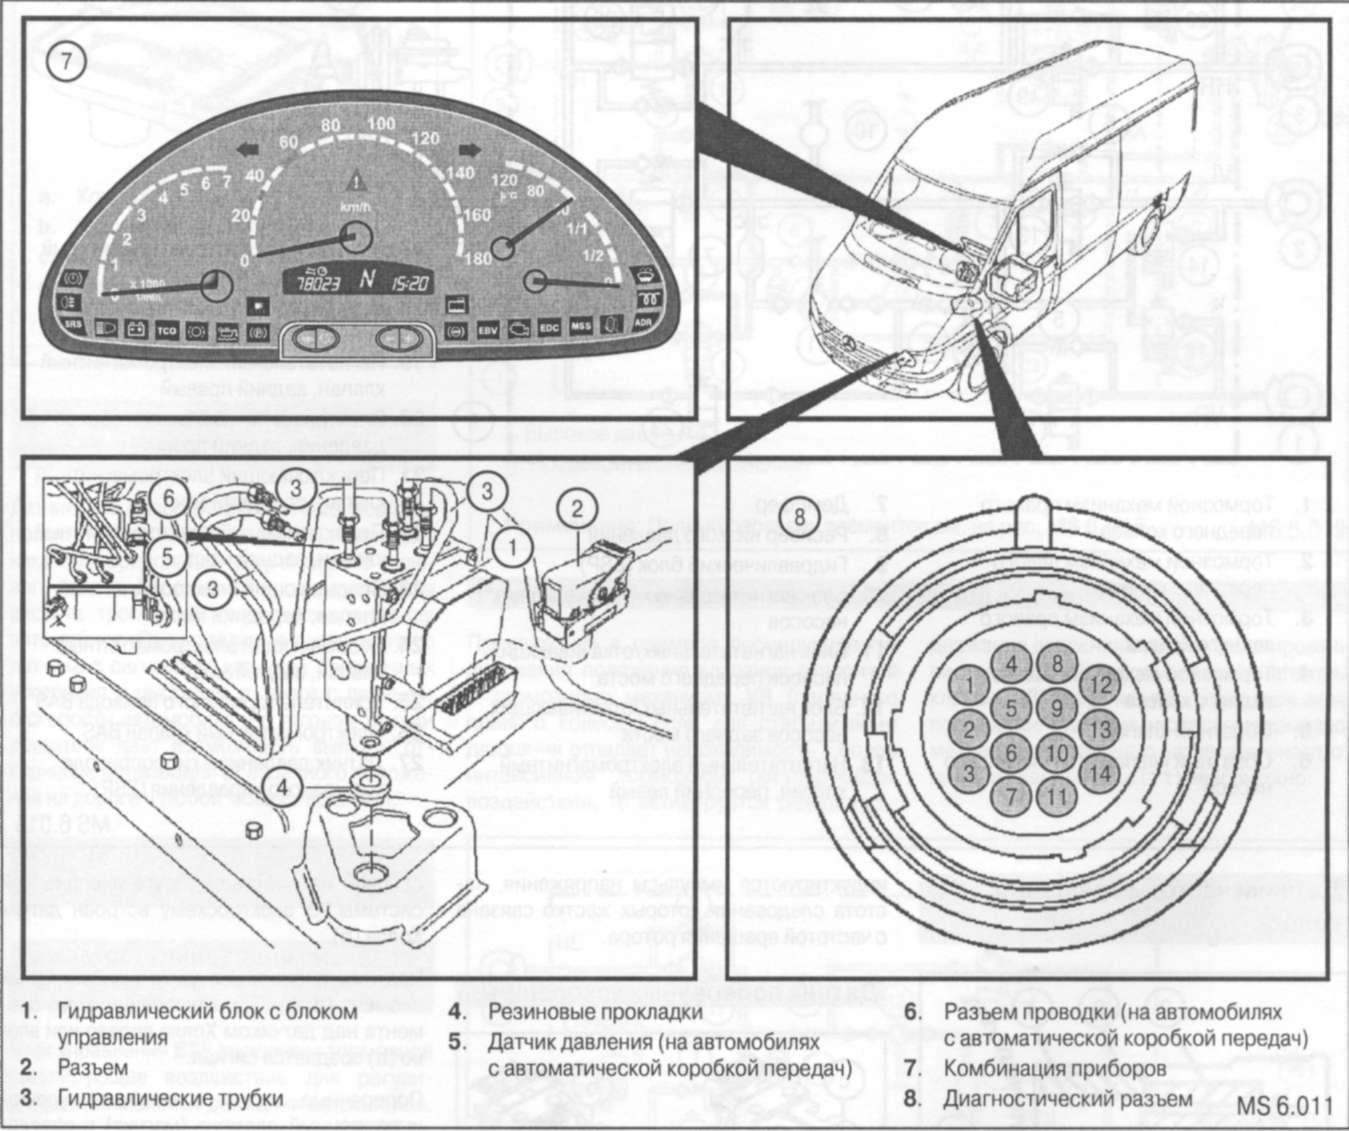 8.3 Размещение компонентов системы ABS (для автомобилей, не оборудованных системой ESP)